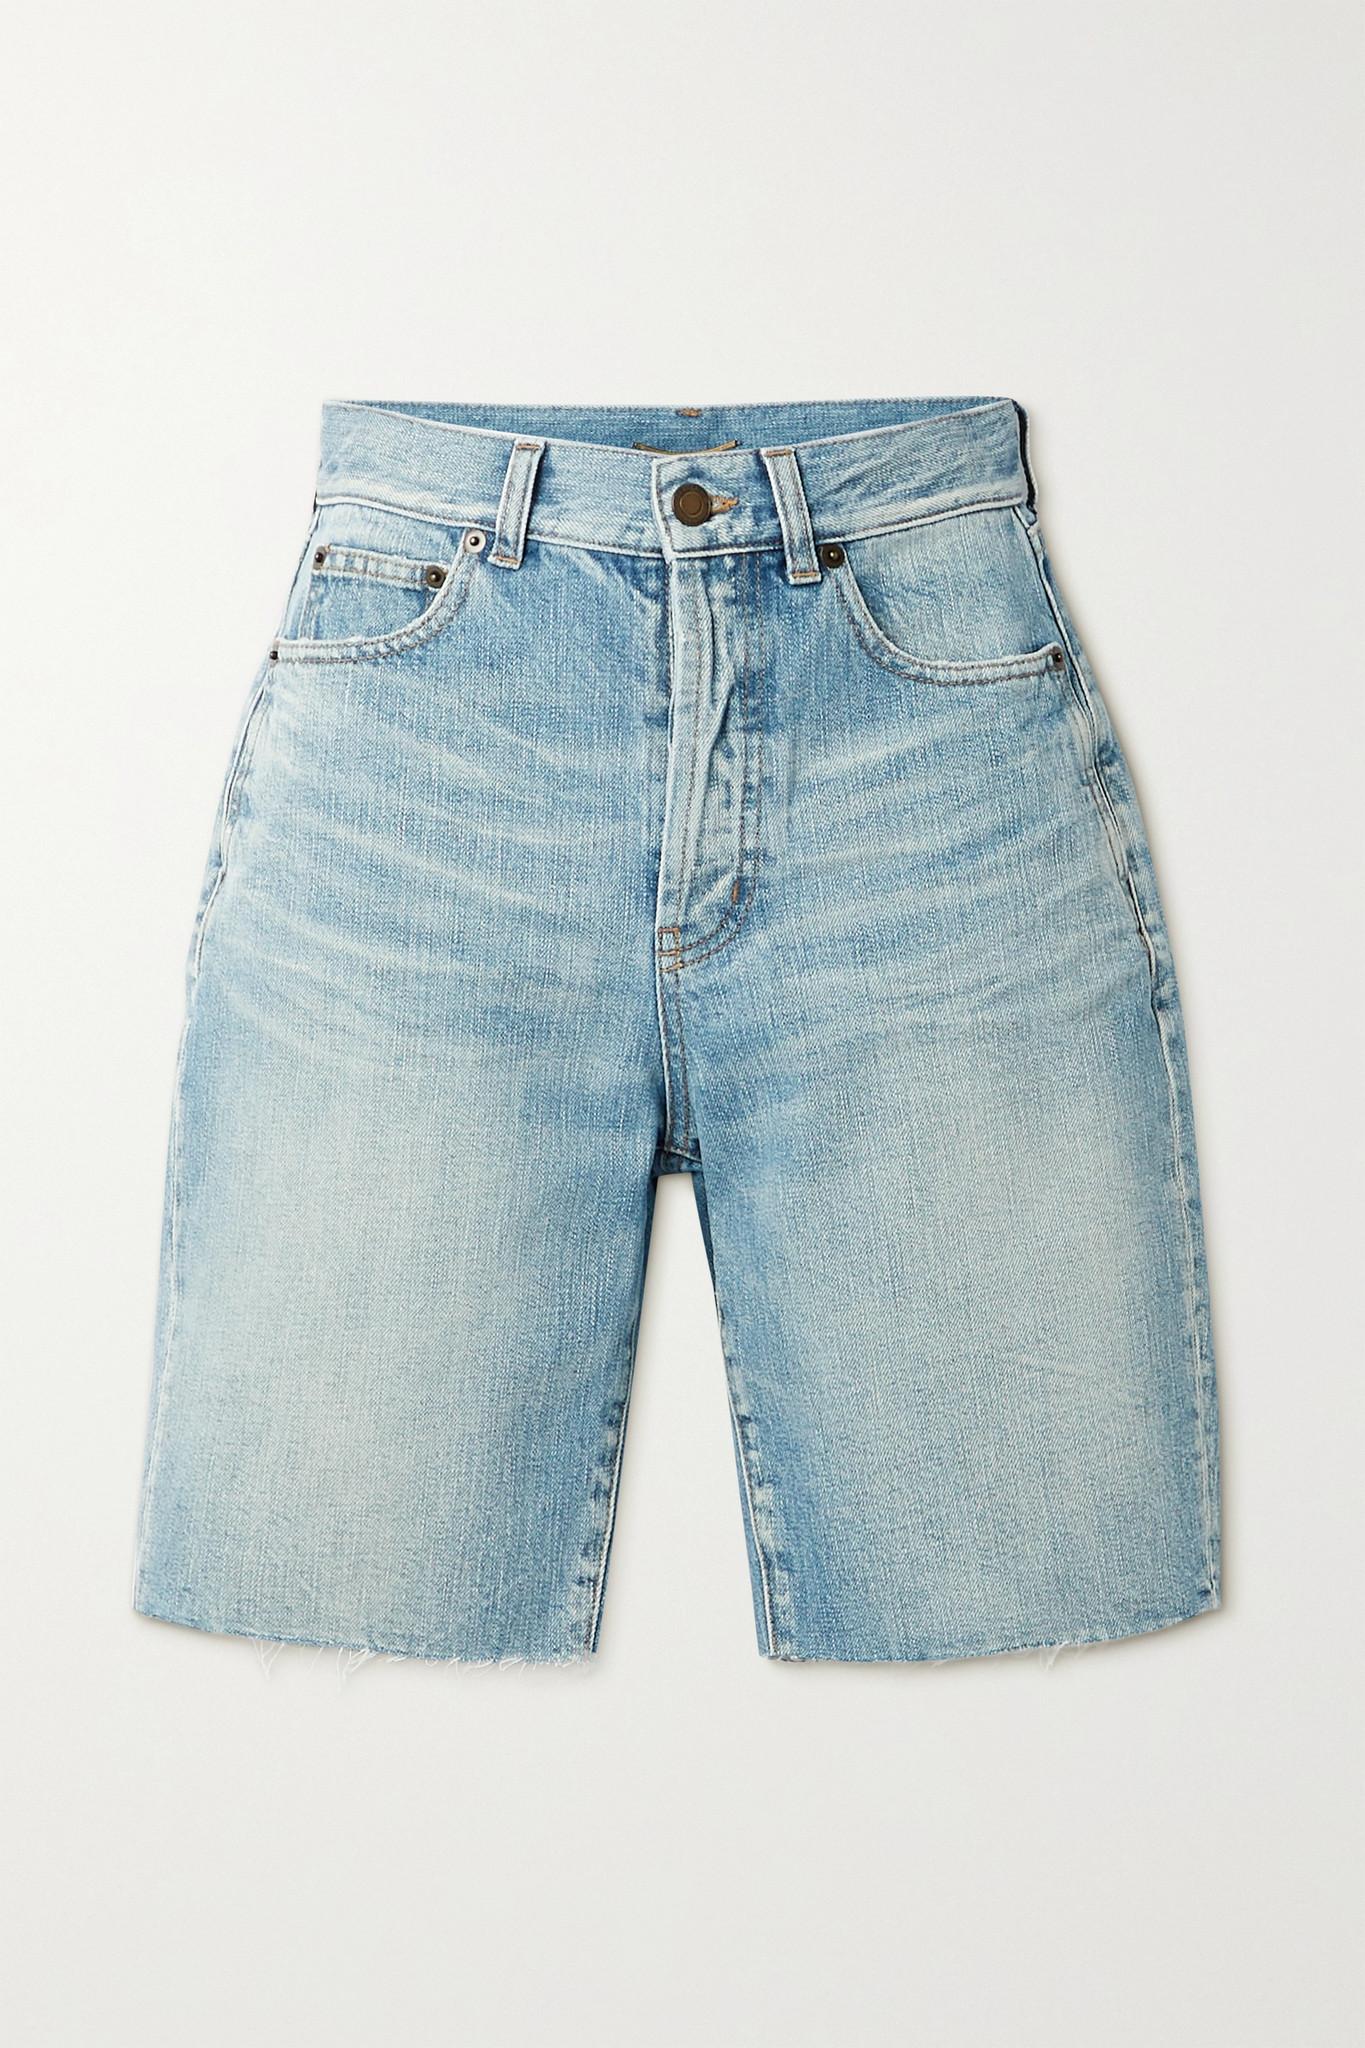 SAINT LAURENT - Frayed Denim Shorts - Blue - 29